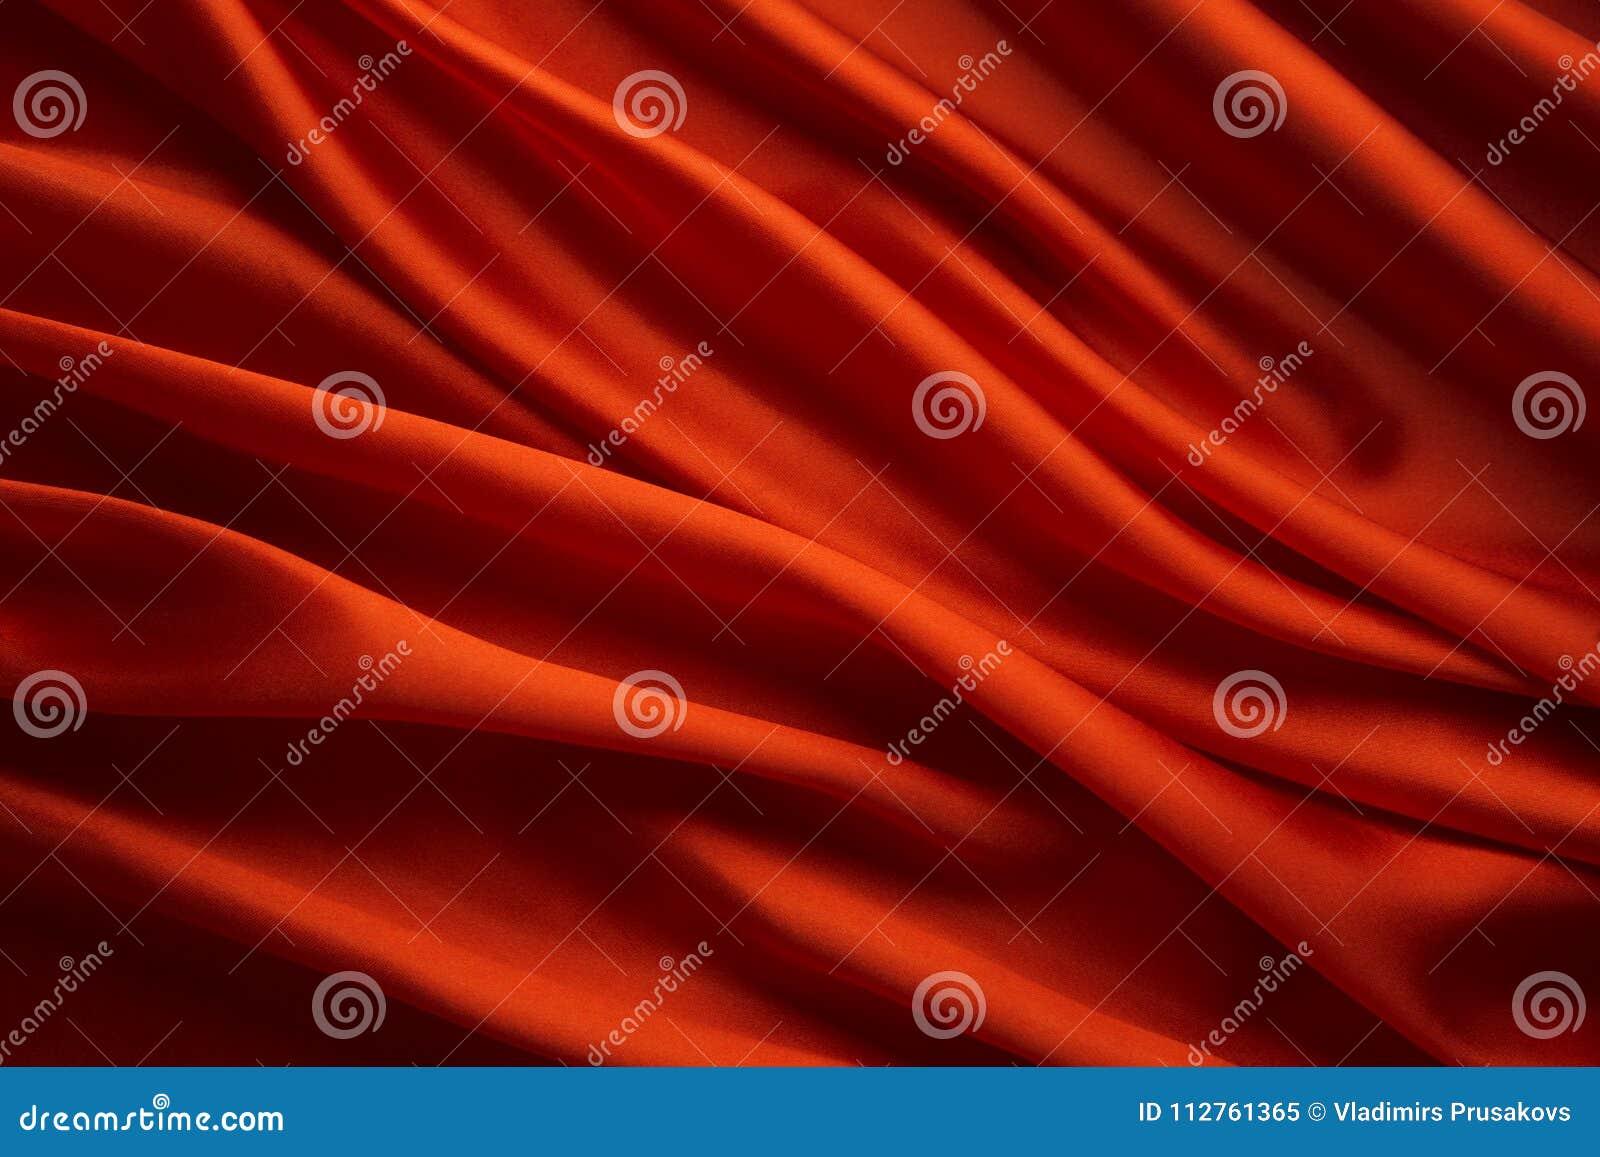 红色丝织物背景,缎布料挥动纹理